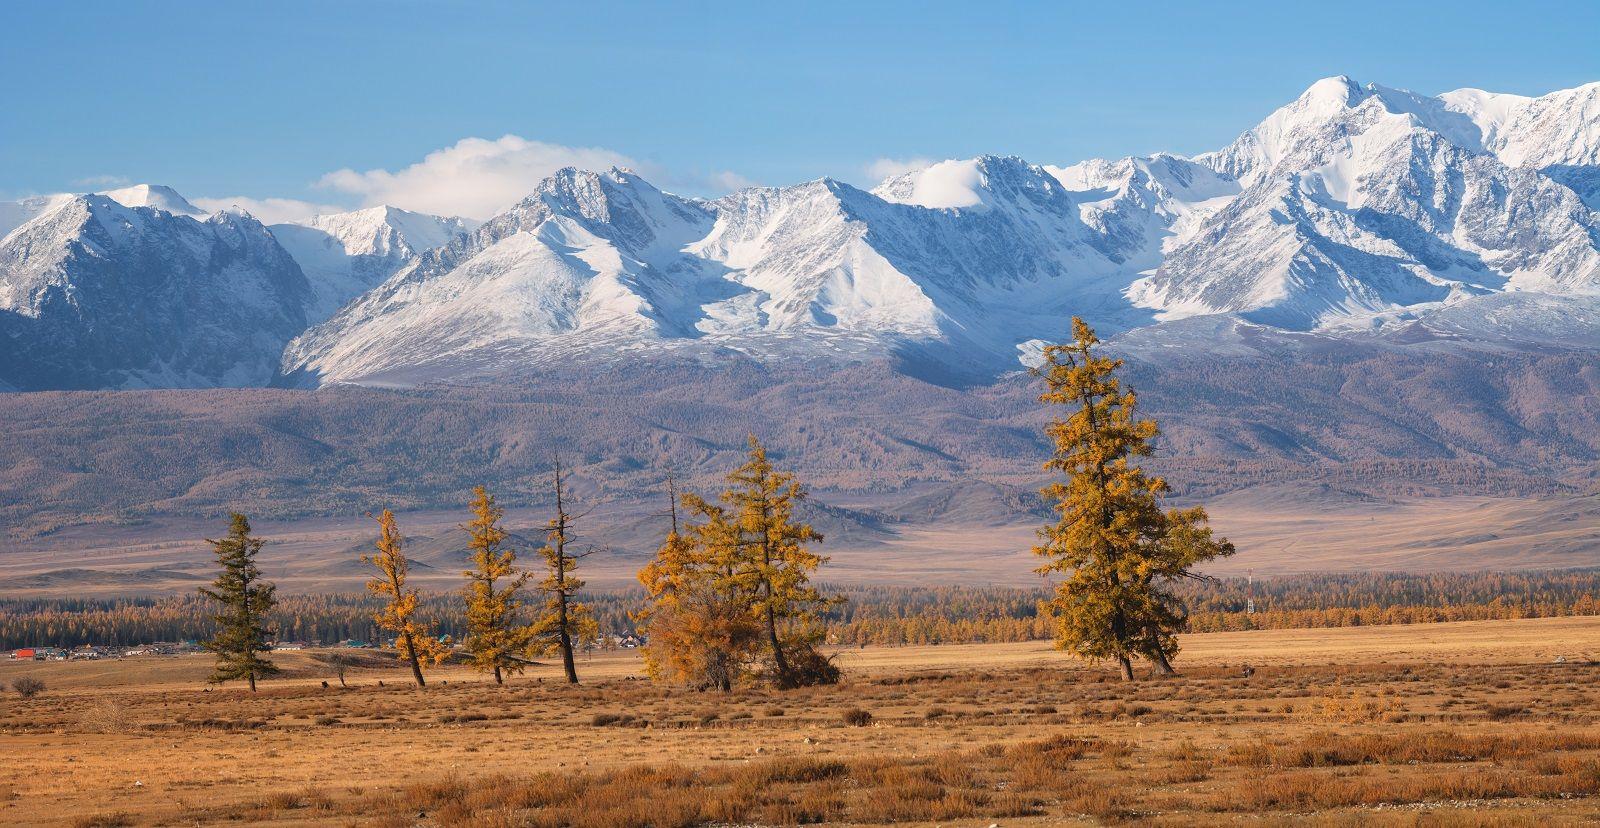 На просторах Алтая просторы алтай курай северо-чуйский степь осень горы